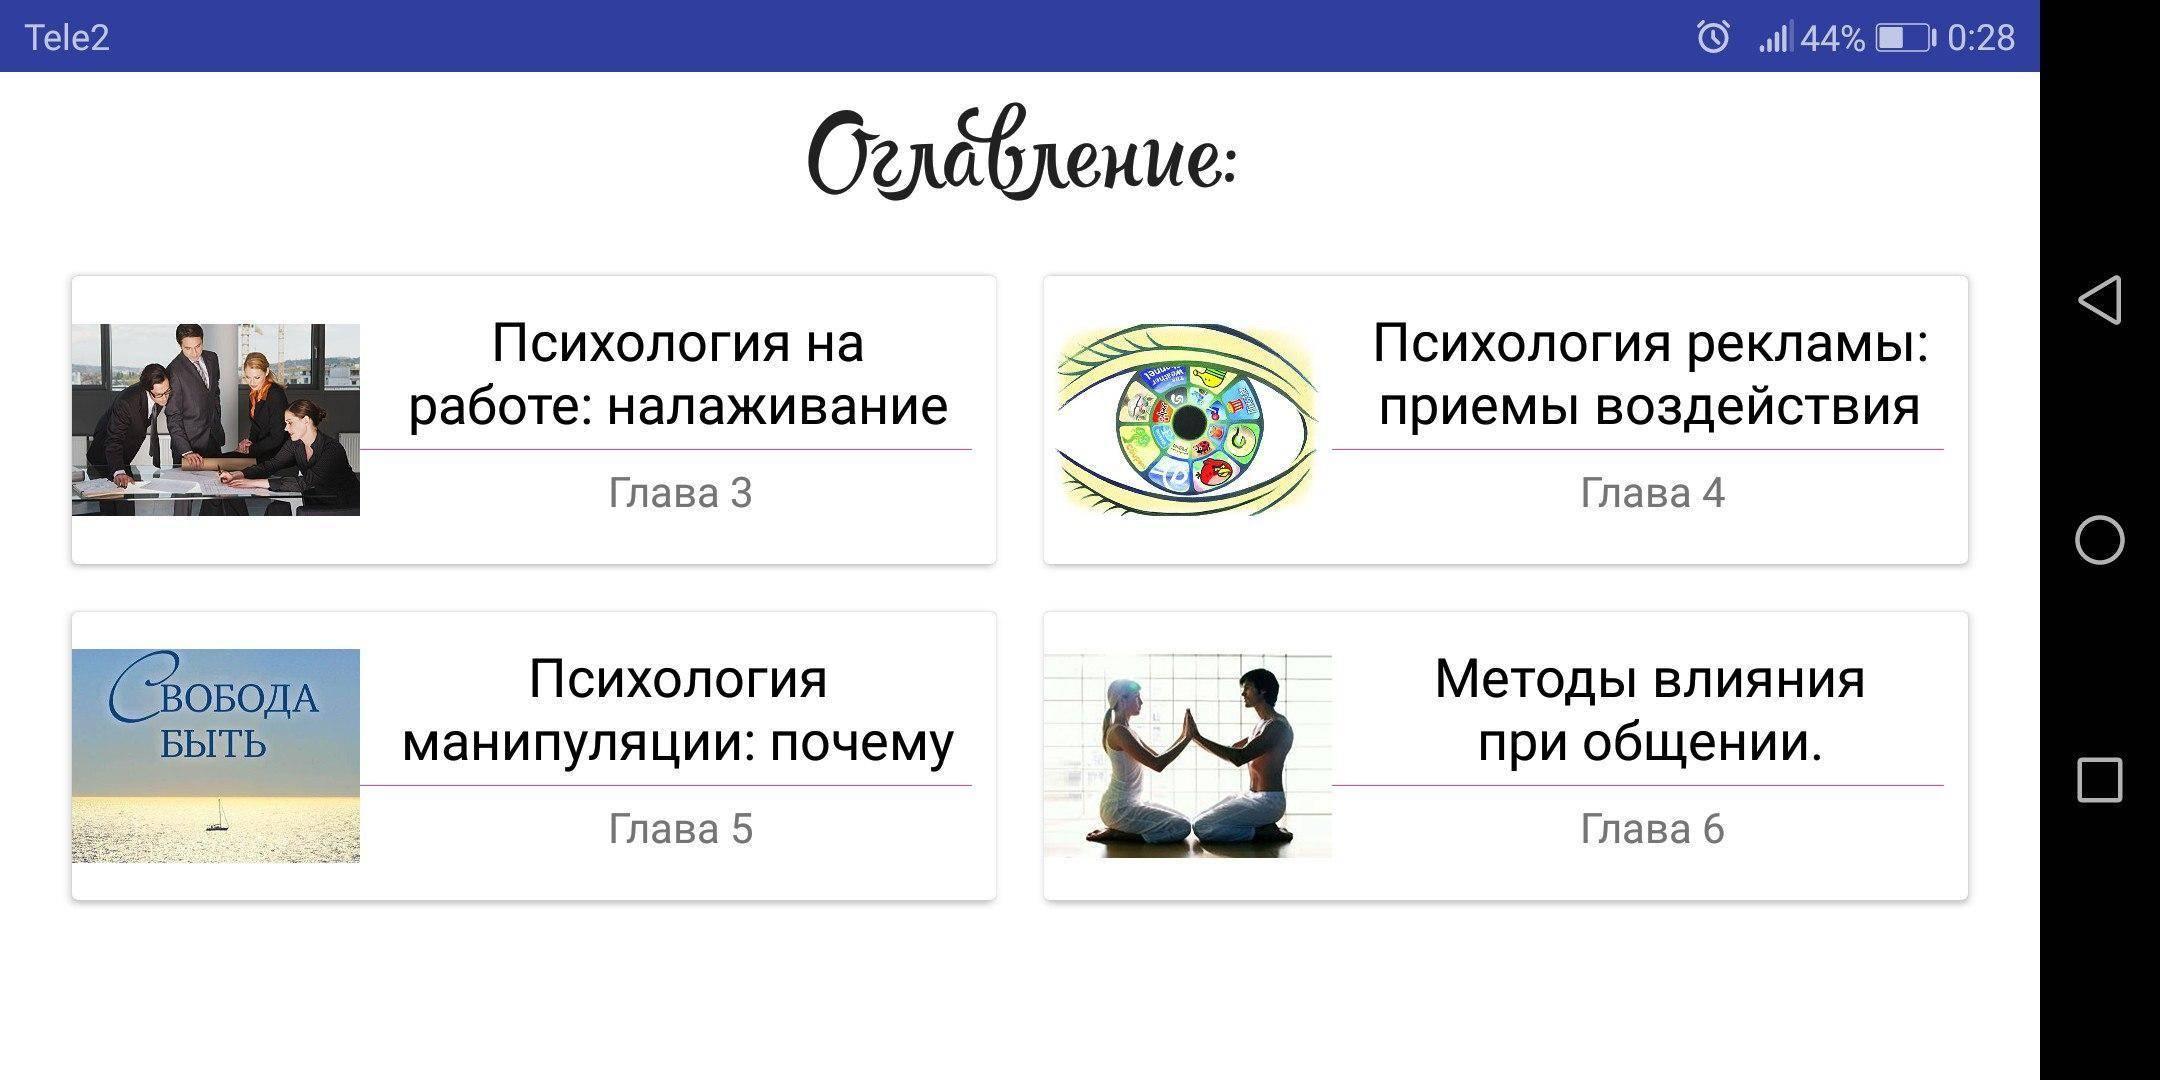 Как вести себя с подчиненными — психология. как общаться с подчинёнными. поведение руководителя с подчиненными | psi-meneger.ru